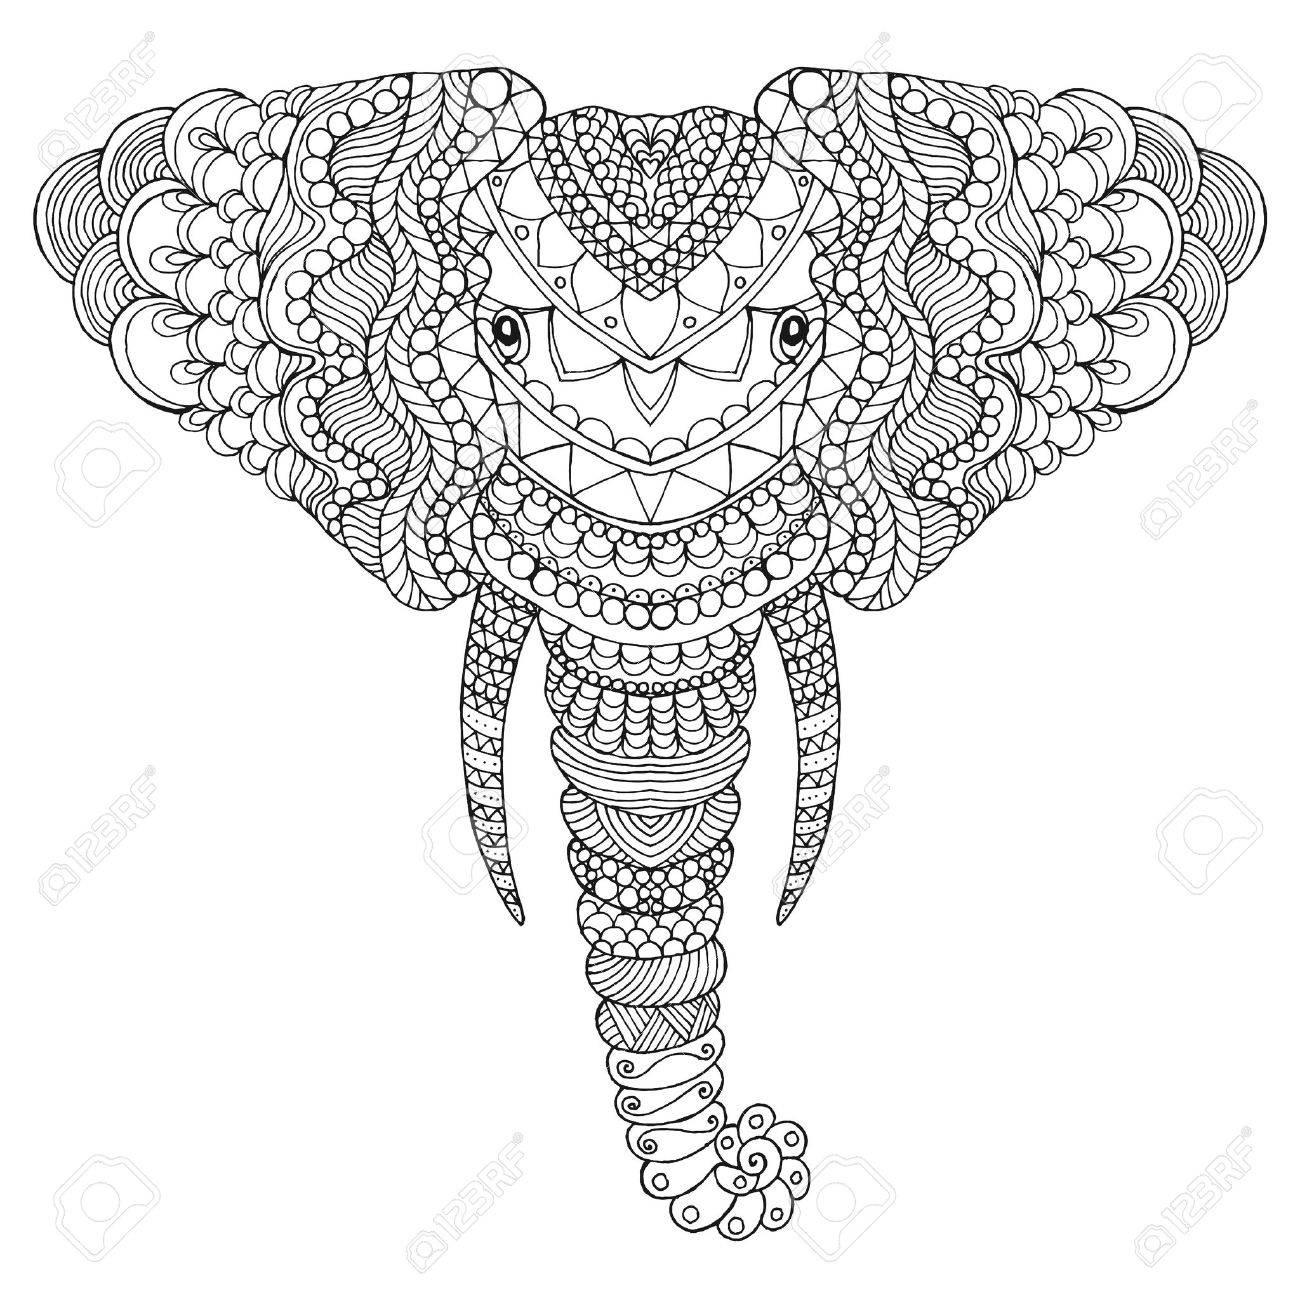 Coloriage Elephant Pour Adulte.Tete D Elephant Adulte Coloriages Antistress Main Blanche Noire